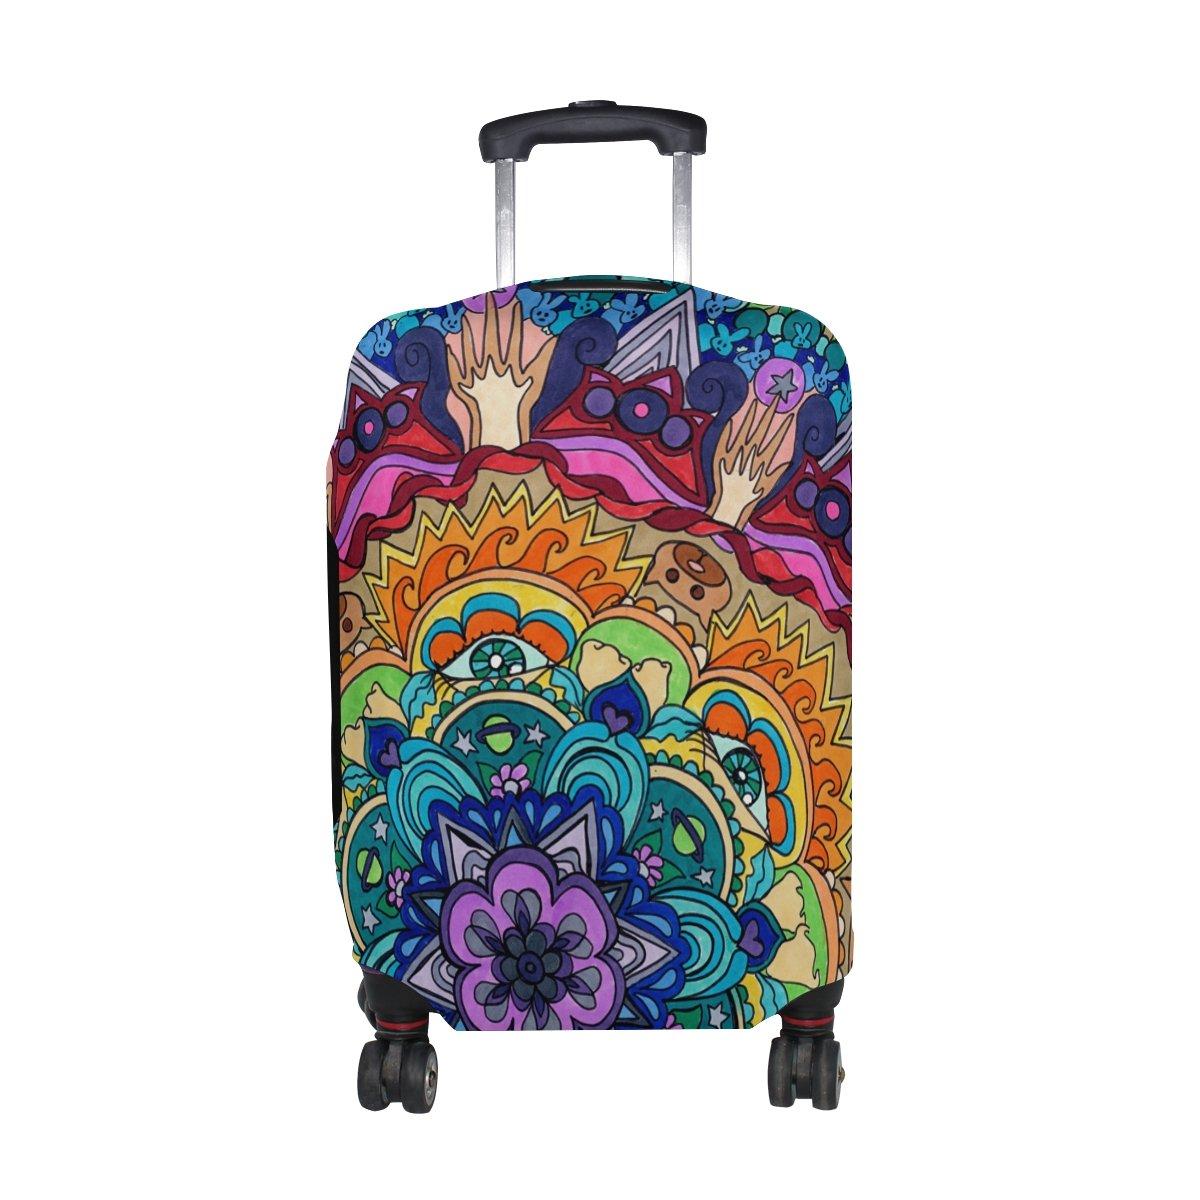 COOSUN Trippy Mandala Stampa bagagli di corsa di protezione rivestimenti lavabili Spandex bagagli Suitcase Cover - Fits 23-32 pollici M 23-26 in Multicolore